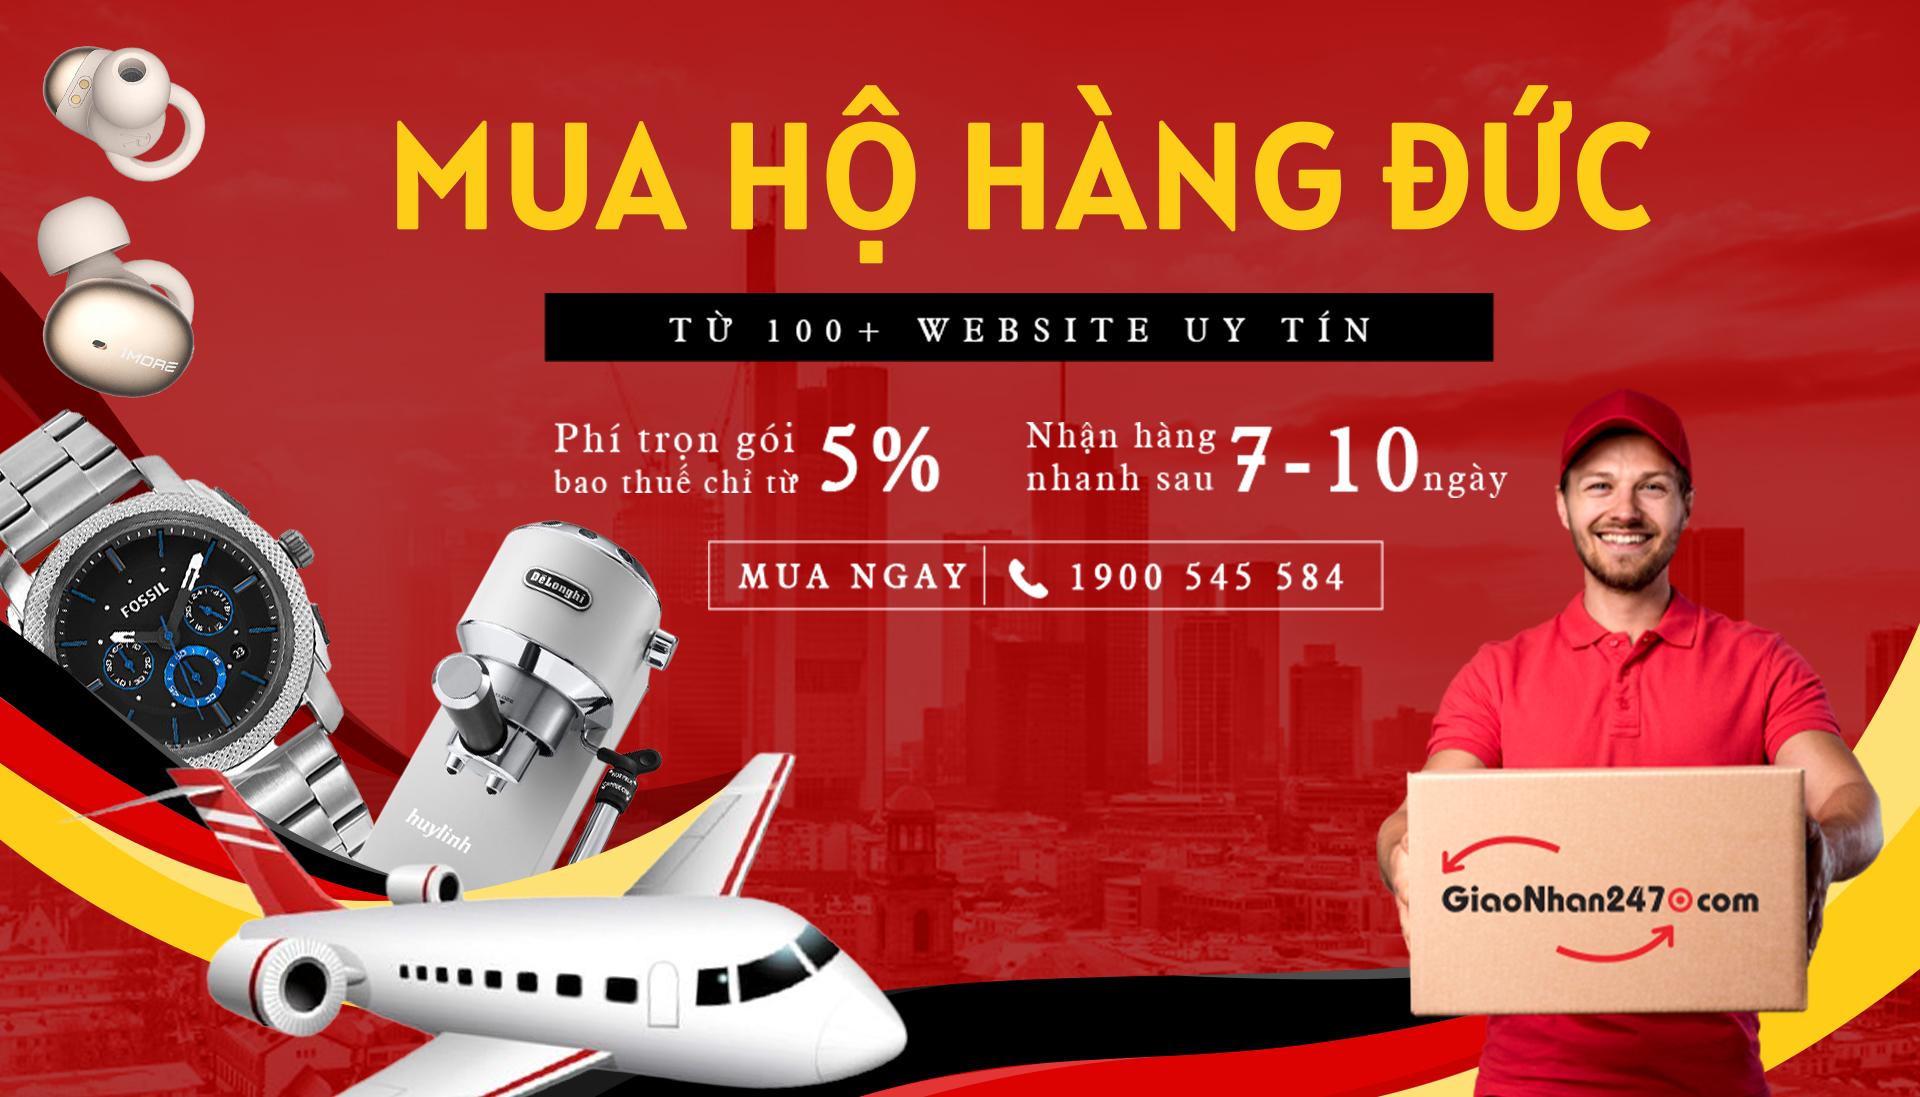 mua-ho-hang-duc-tren-website-uy-tin-mobile